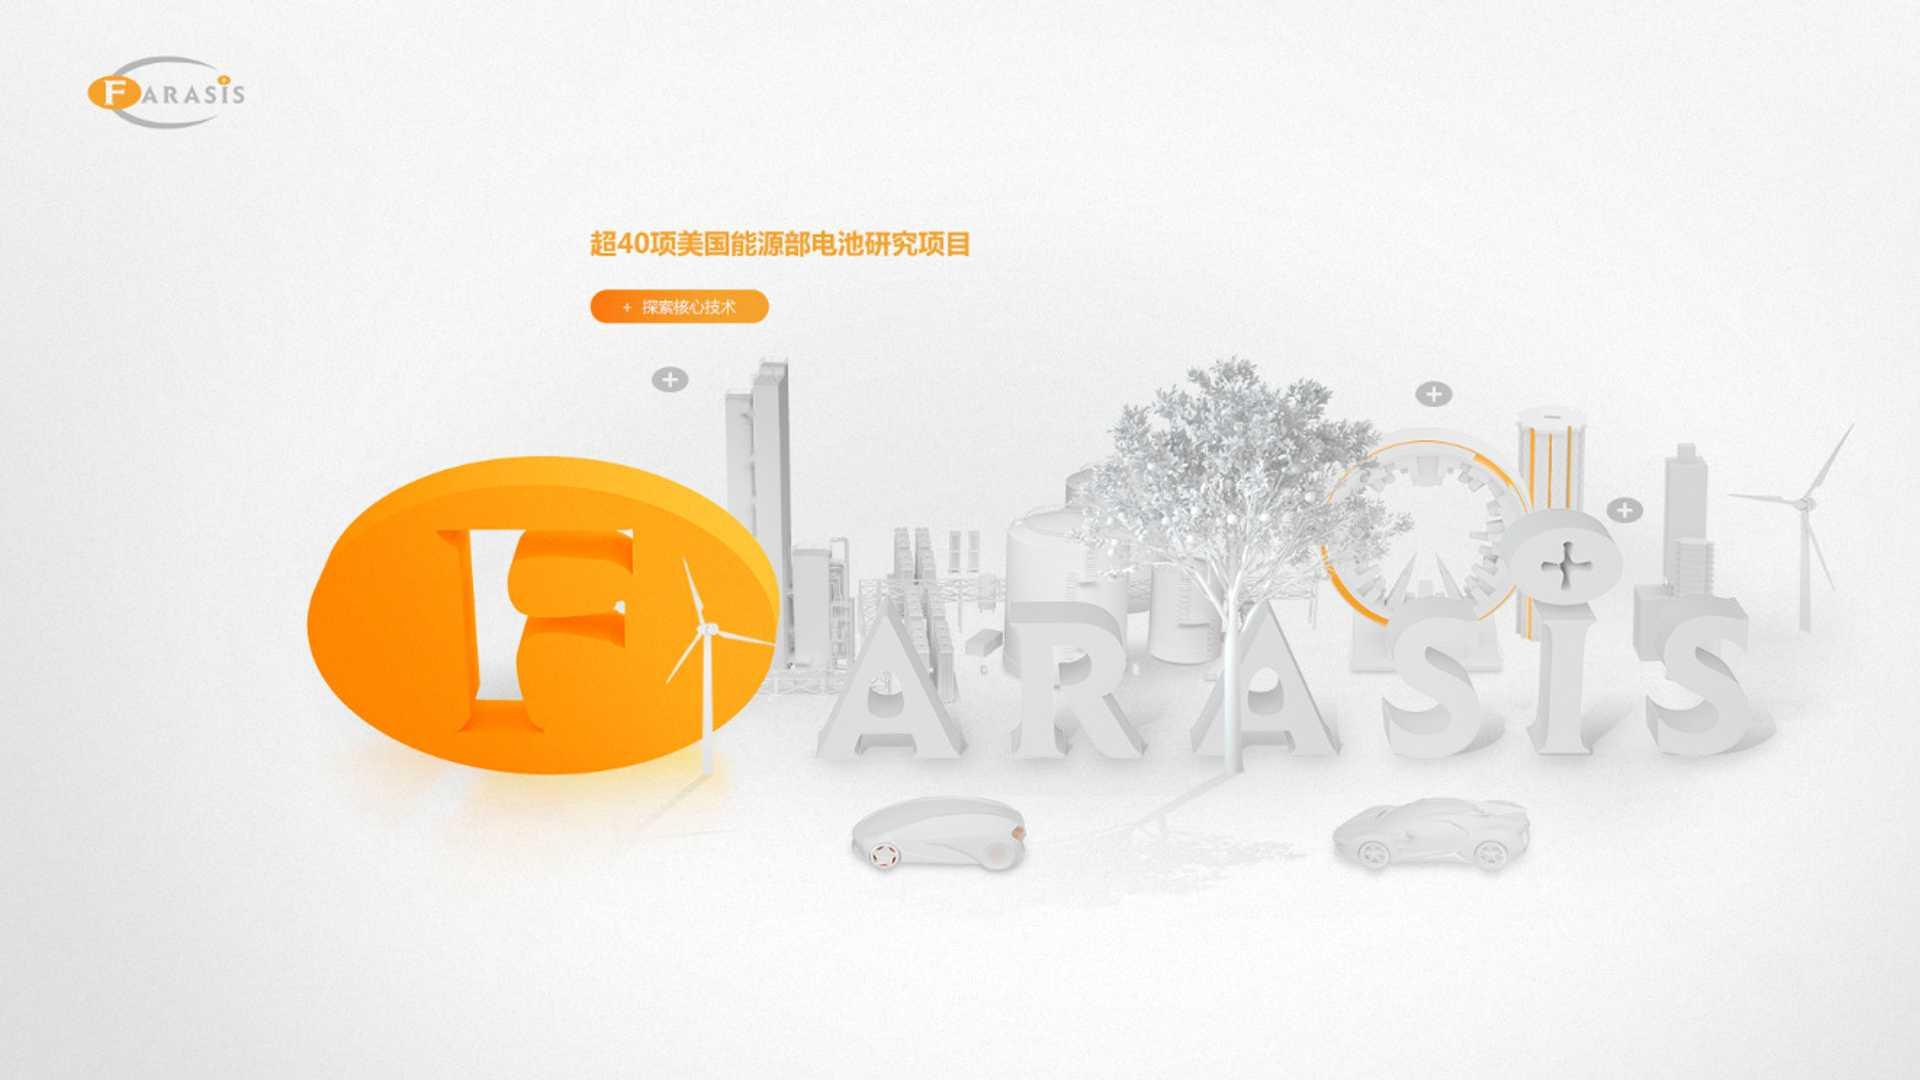 Farasis Energy планирует начать IPO на 480 миллионов долларов: Daimler будет участвовать?